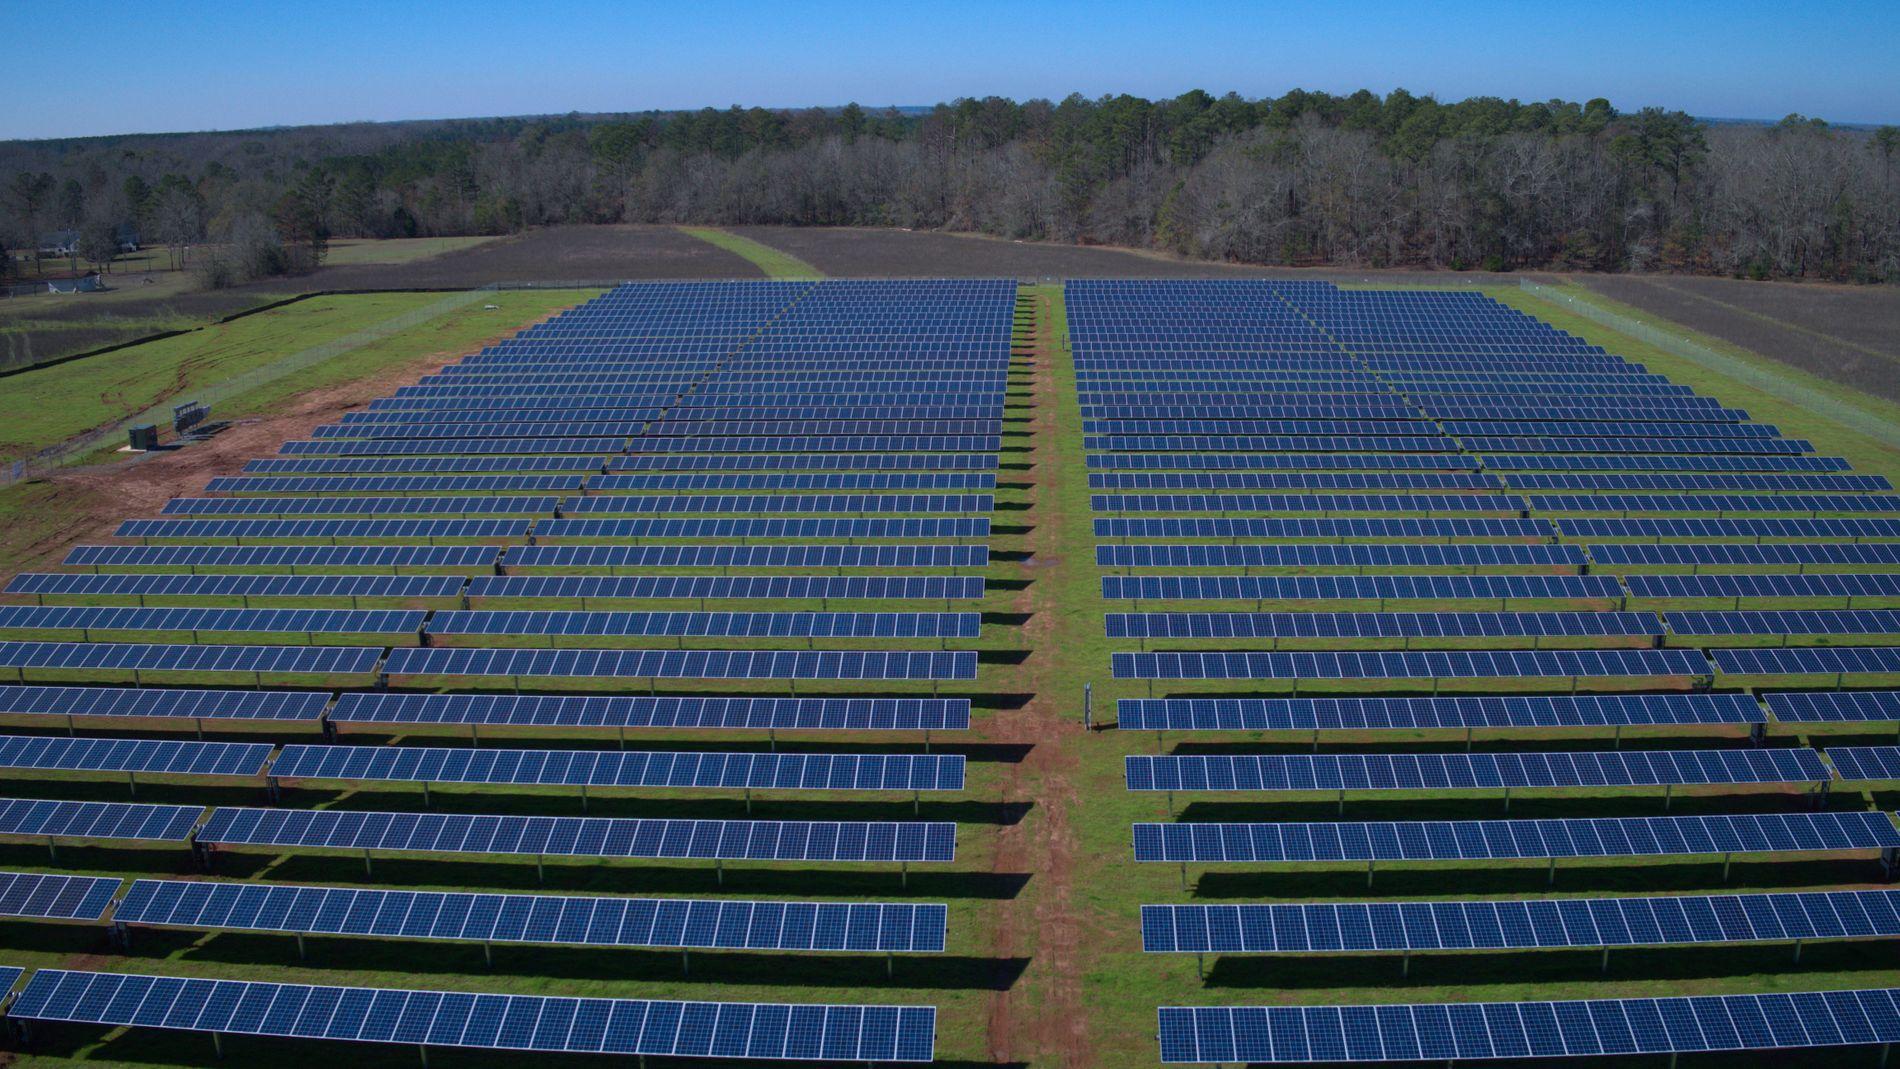 STORT I USA: 260 000 amerikanere arbeider nå innen solkraft. Her er 40 000 kvadratmeter bondeland eiet av tidligere president Jimmy Carter dekket av solpaneler. Bildet er fra 8. februar 2017.